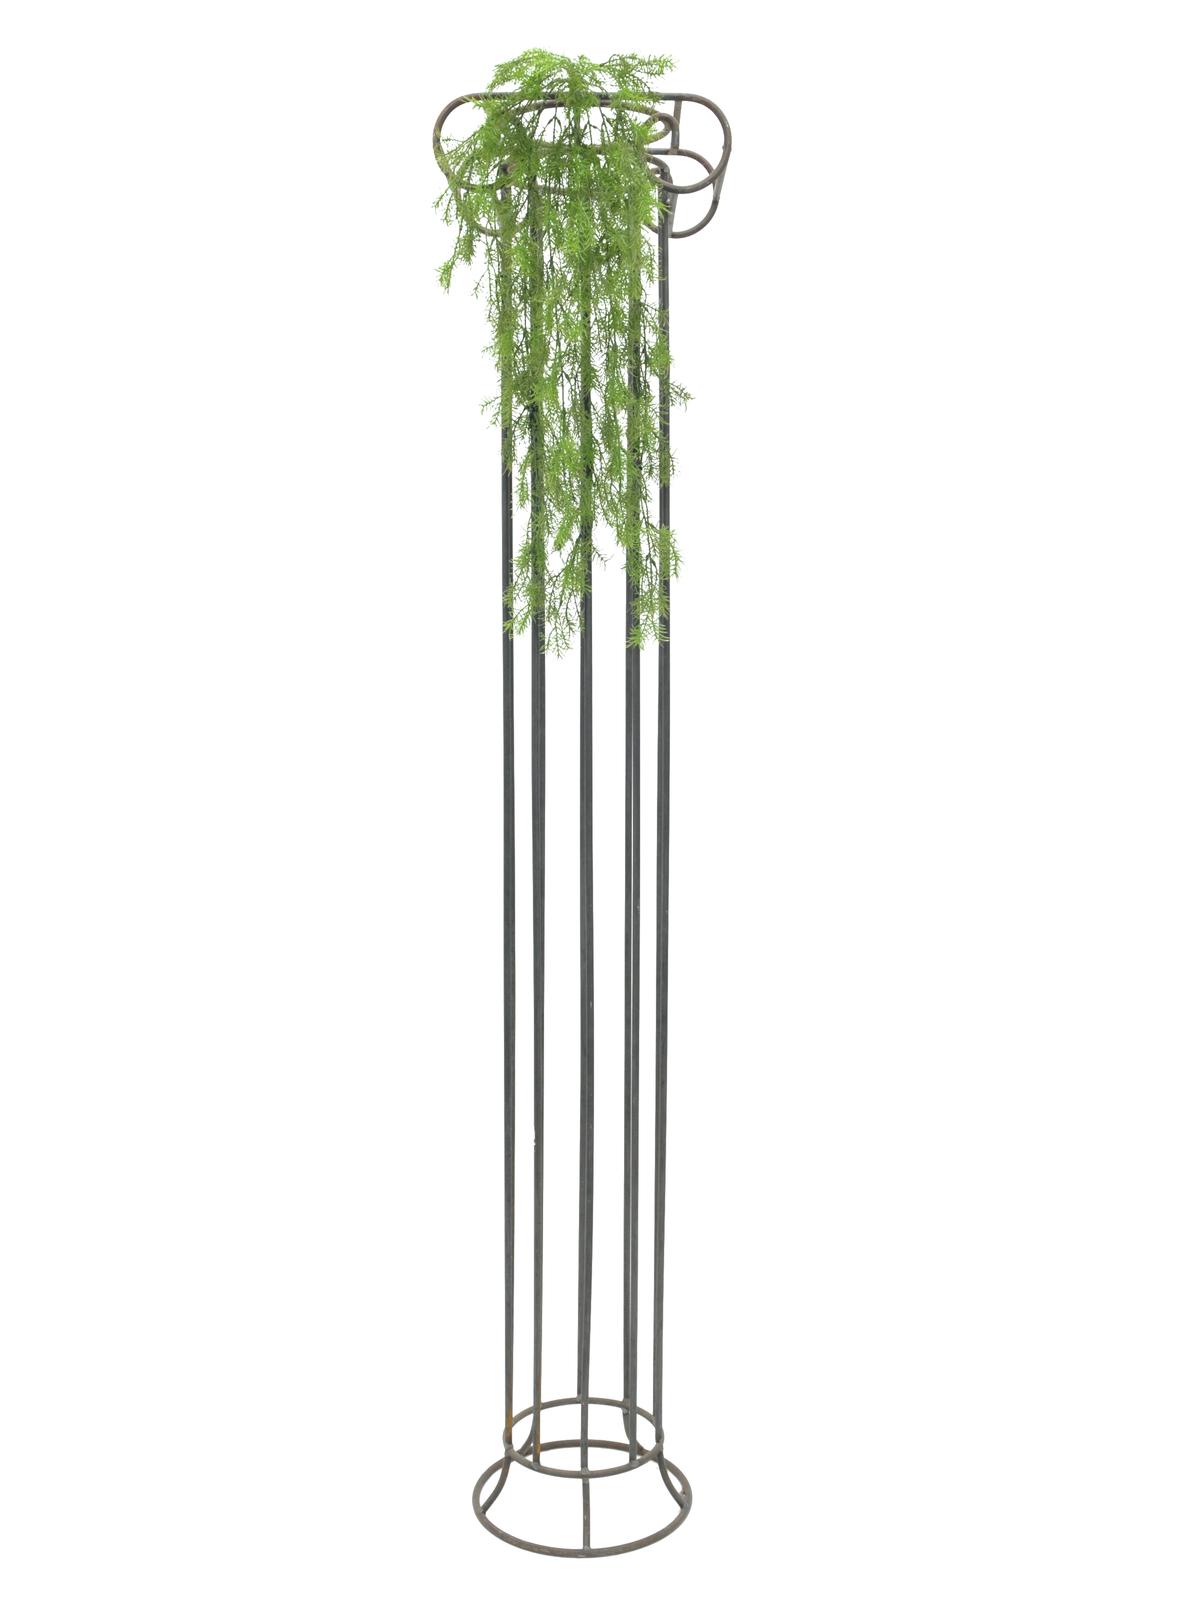 EUROPALMS Coralgras bush, 78cm